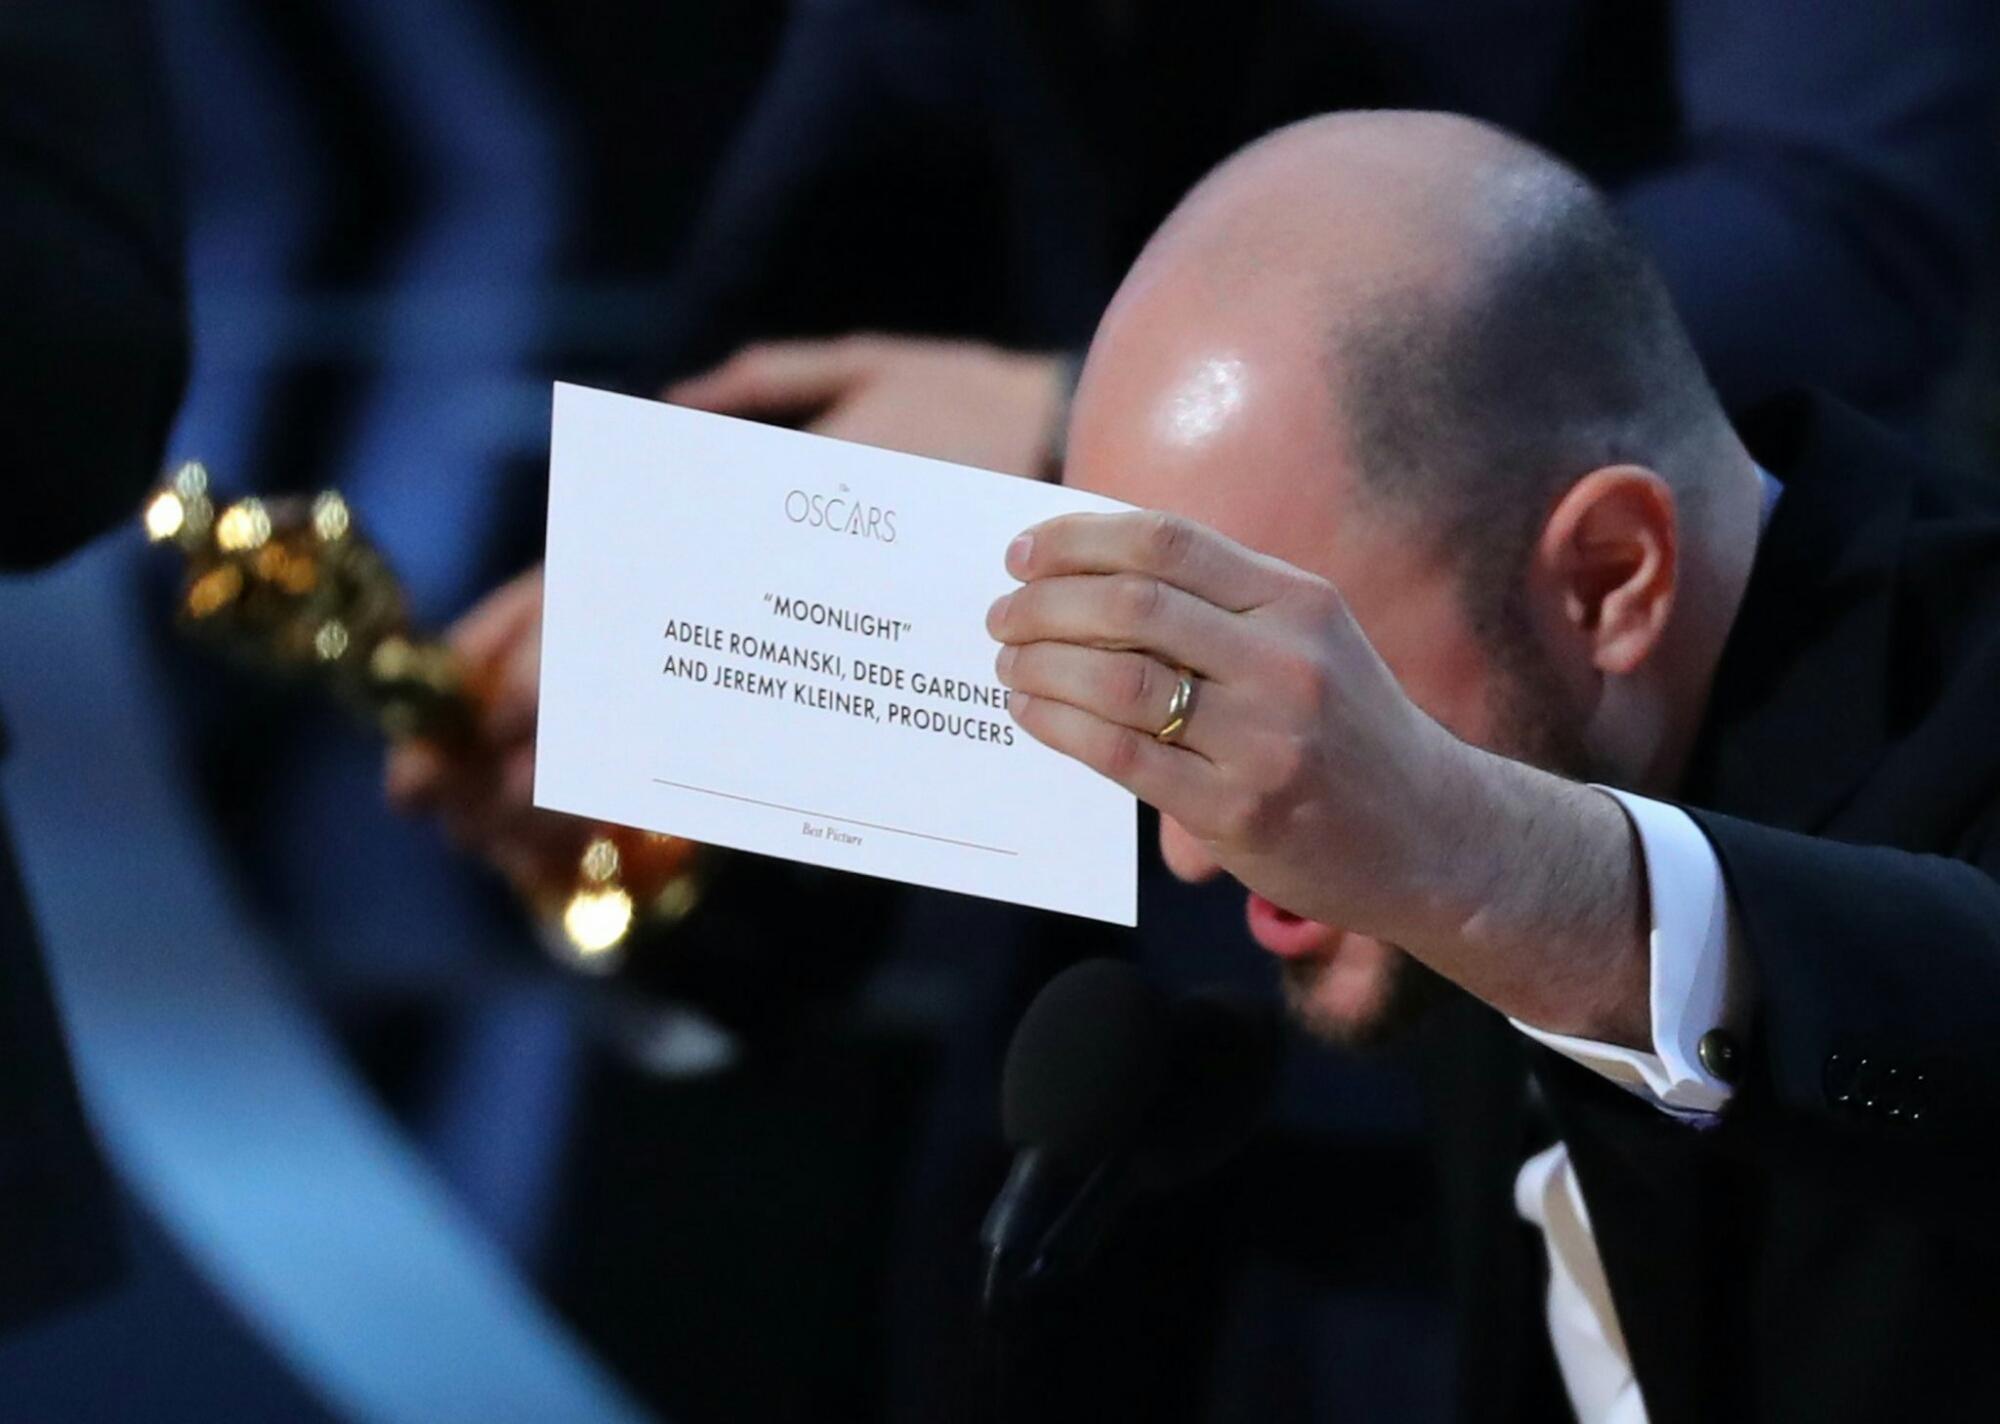 Premian Por Error En La 89 Edición De Los Oscar La Brecha